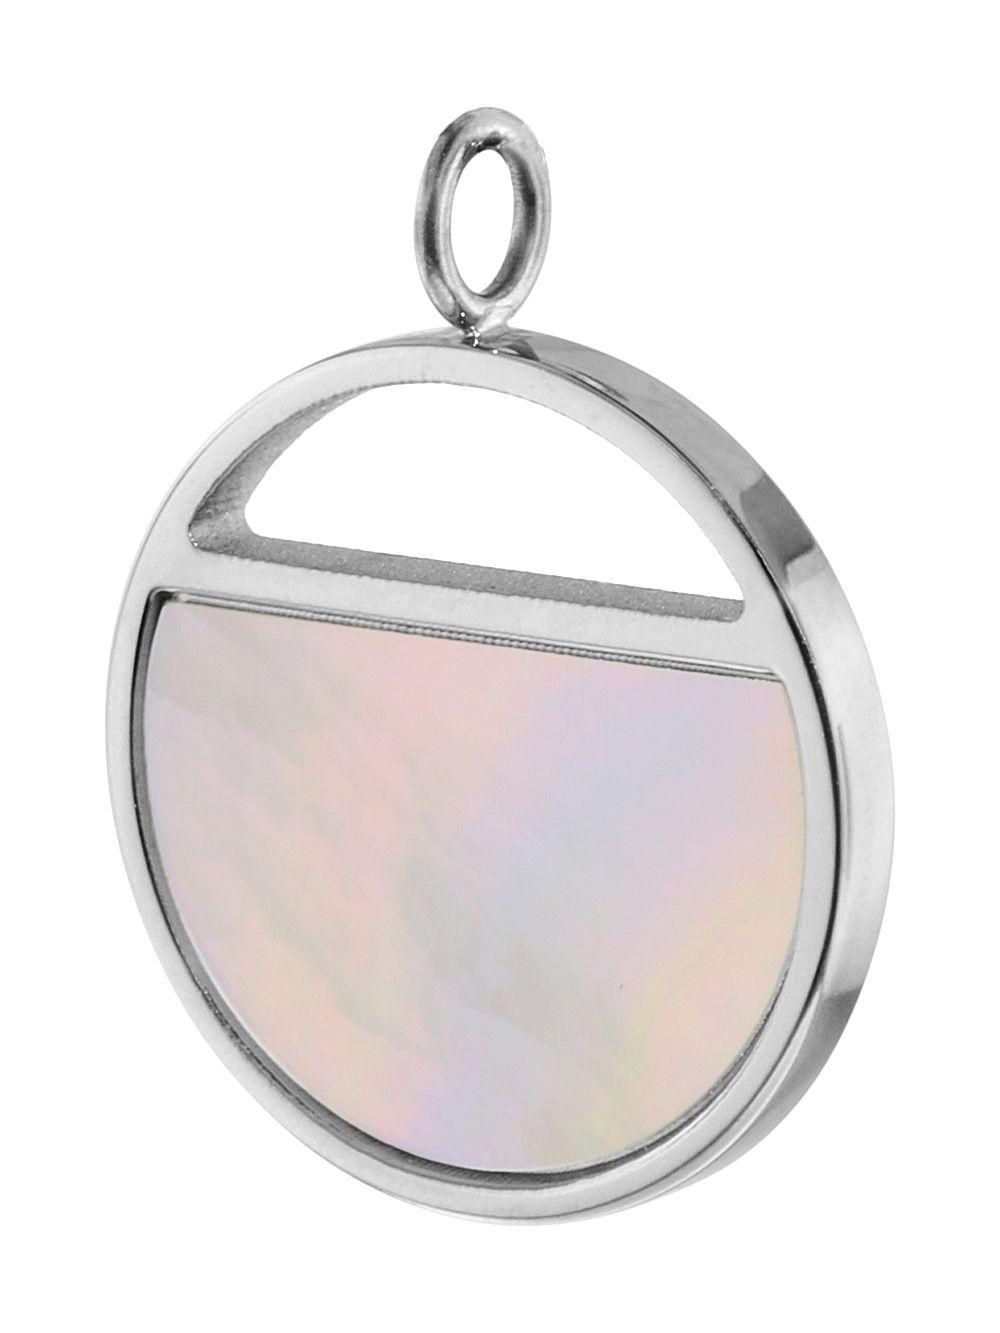 Geschenk Schulkind 925er Sterling Silber Kette f/ür Kinder zur Einschulung Milosa Halskette Schutzengel 39 cm L/änge